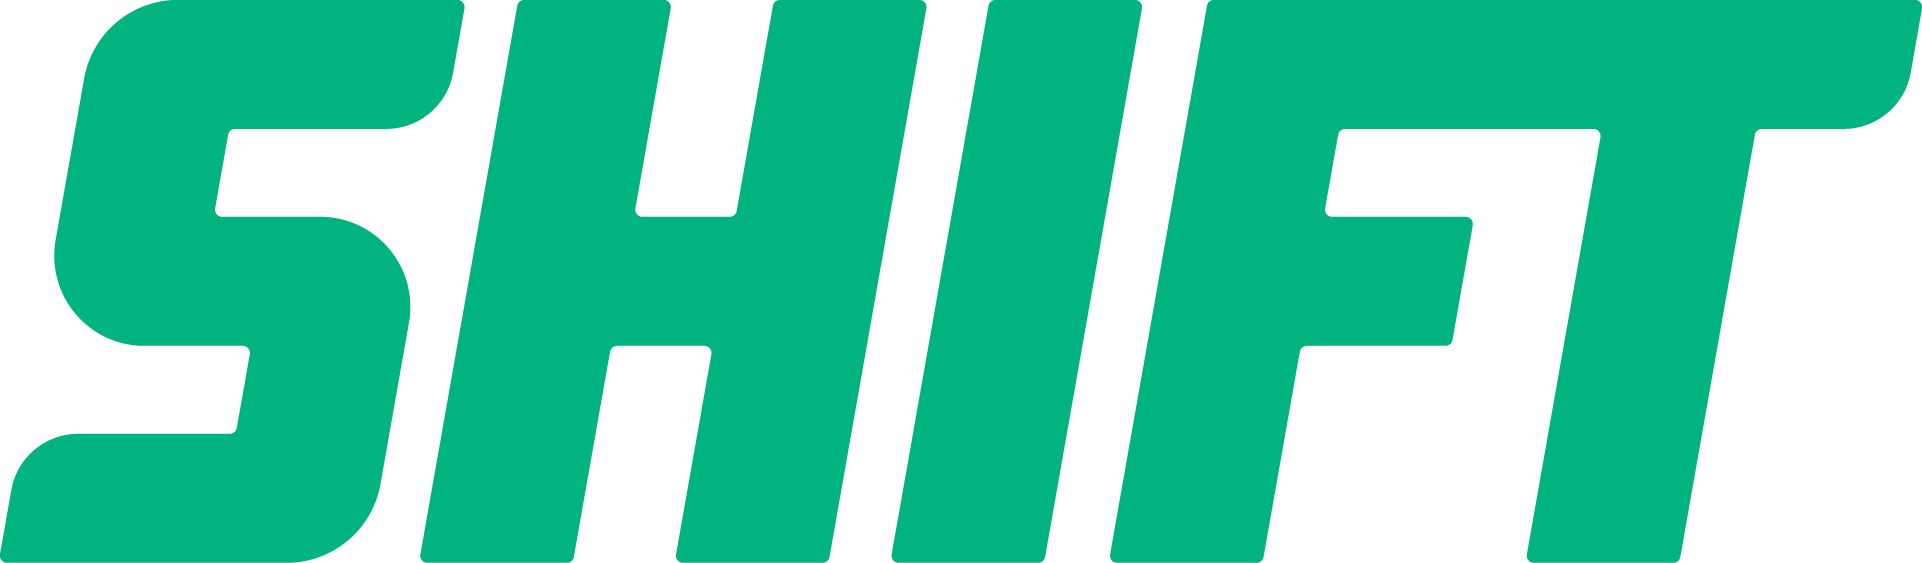 support.shift.com